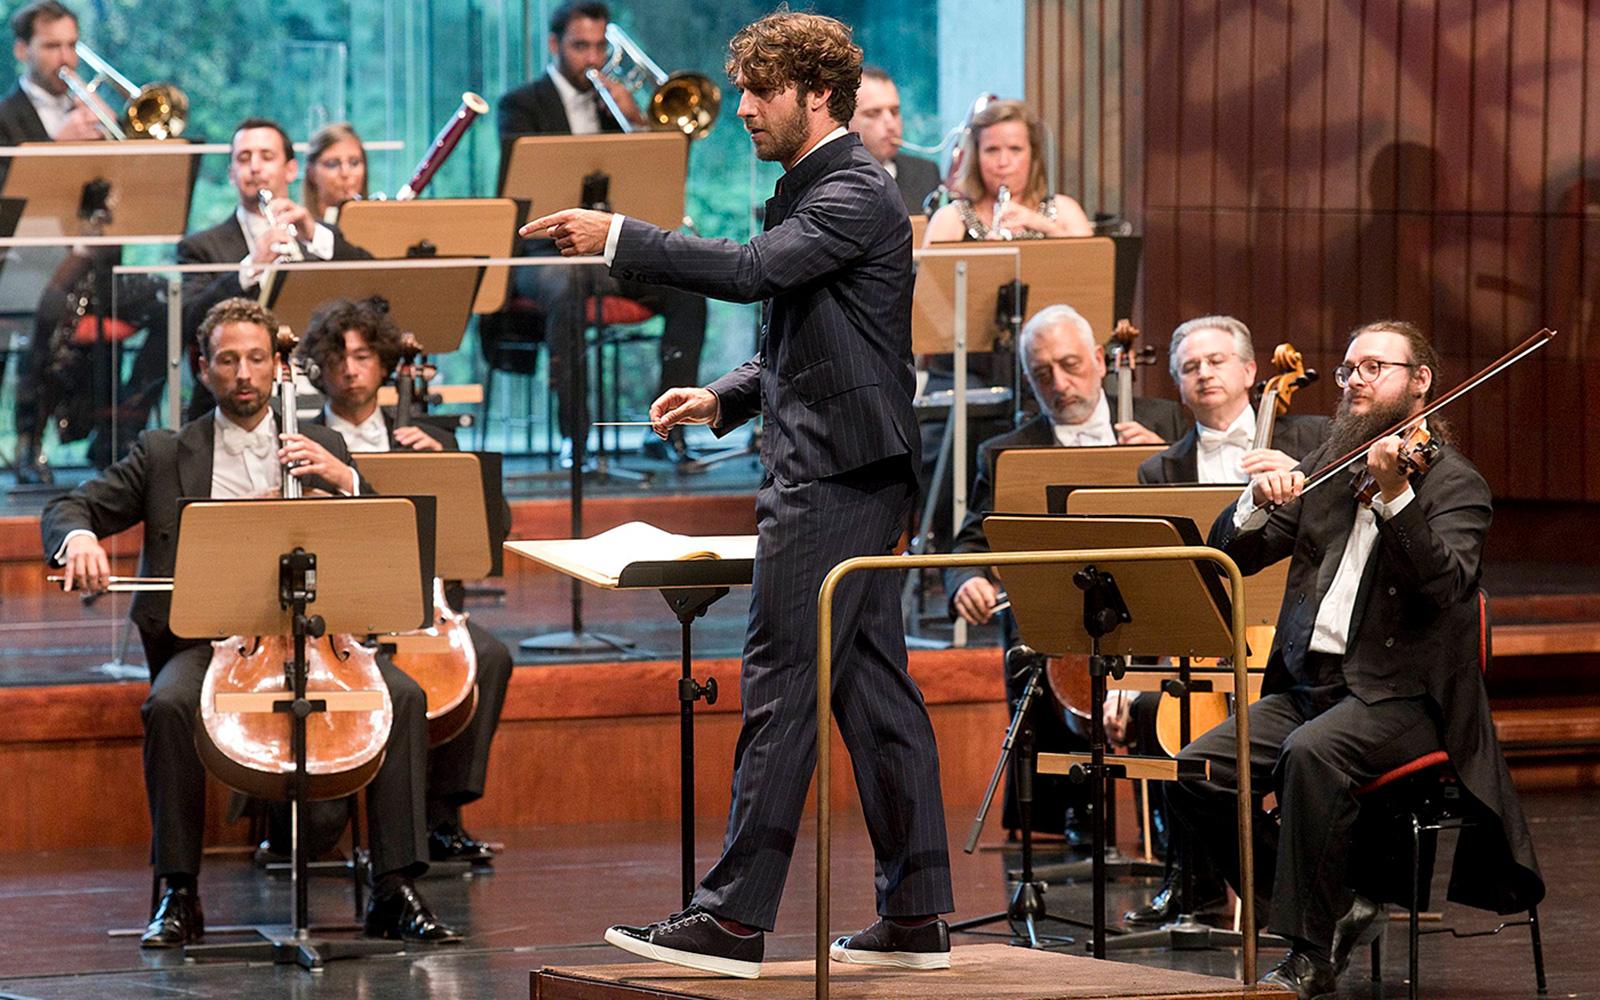 Concerto da Orquestra Gulbenkian com o Maestro Lorenzo Viotti © Márcia Lessa